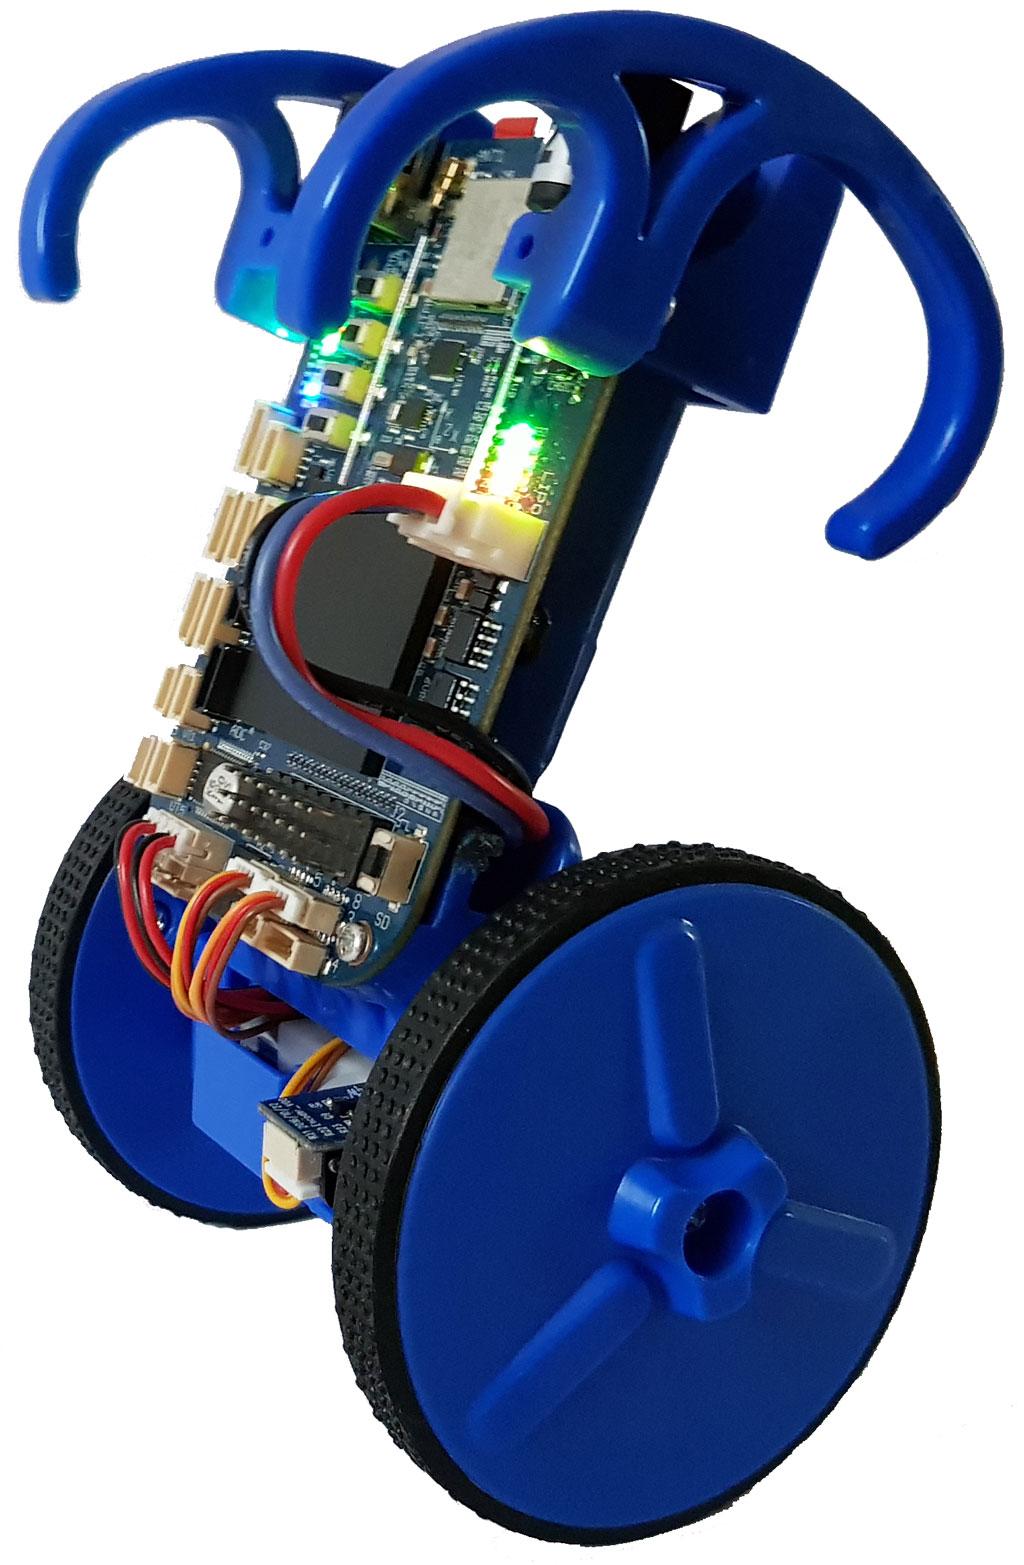 Run ROS on the self-balancing robot EduMIP